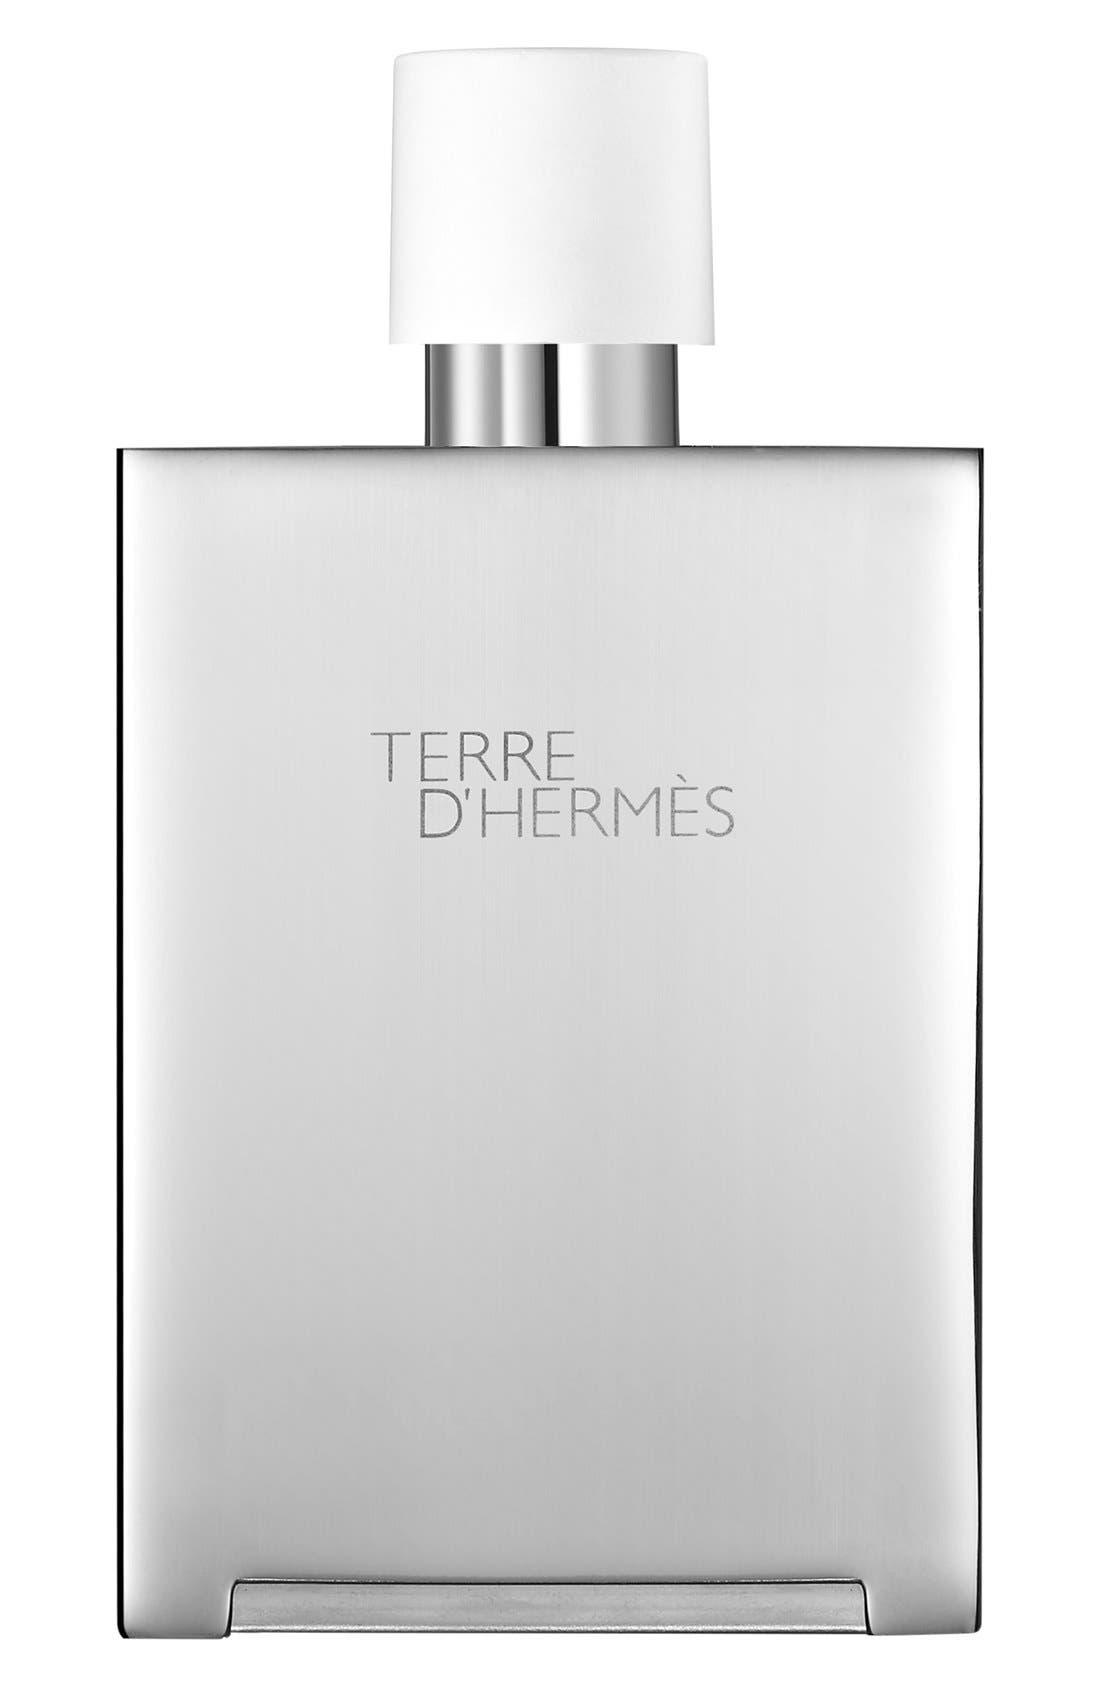 Terre d'Hermès - Eau très fraîche Bel Objet refillable metal spray,                             Main thumbnail 1, color,                             000